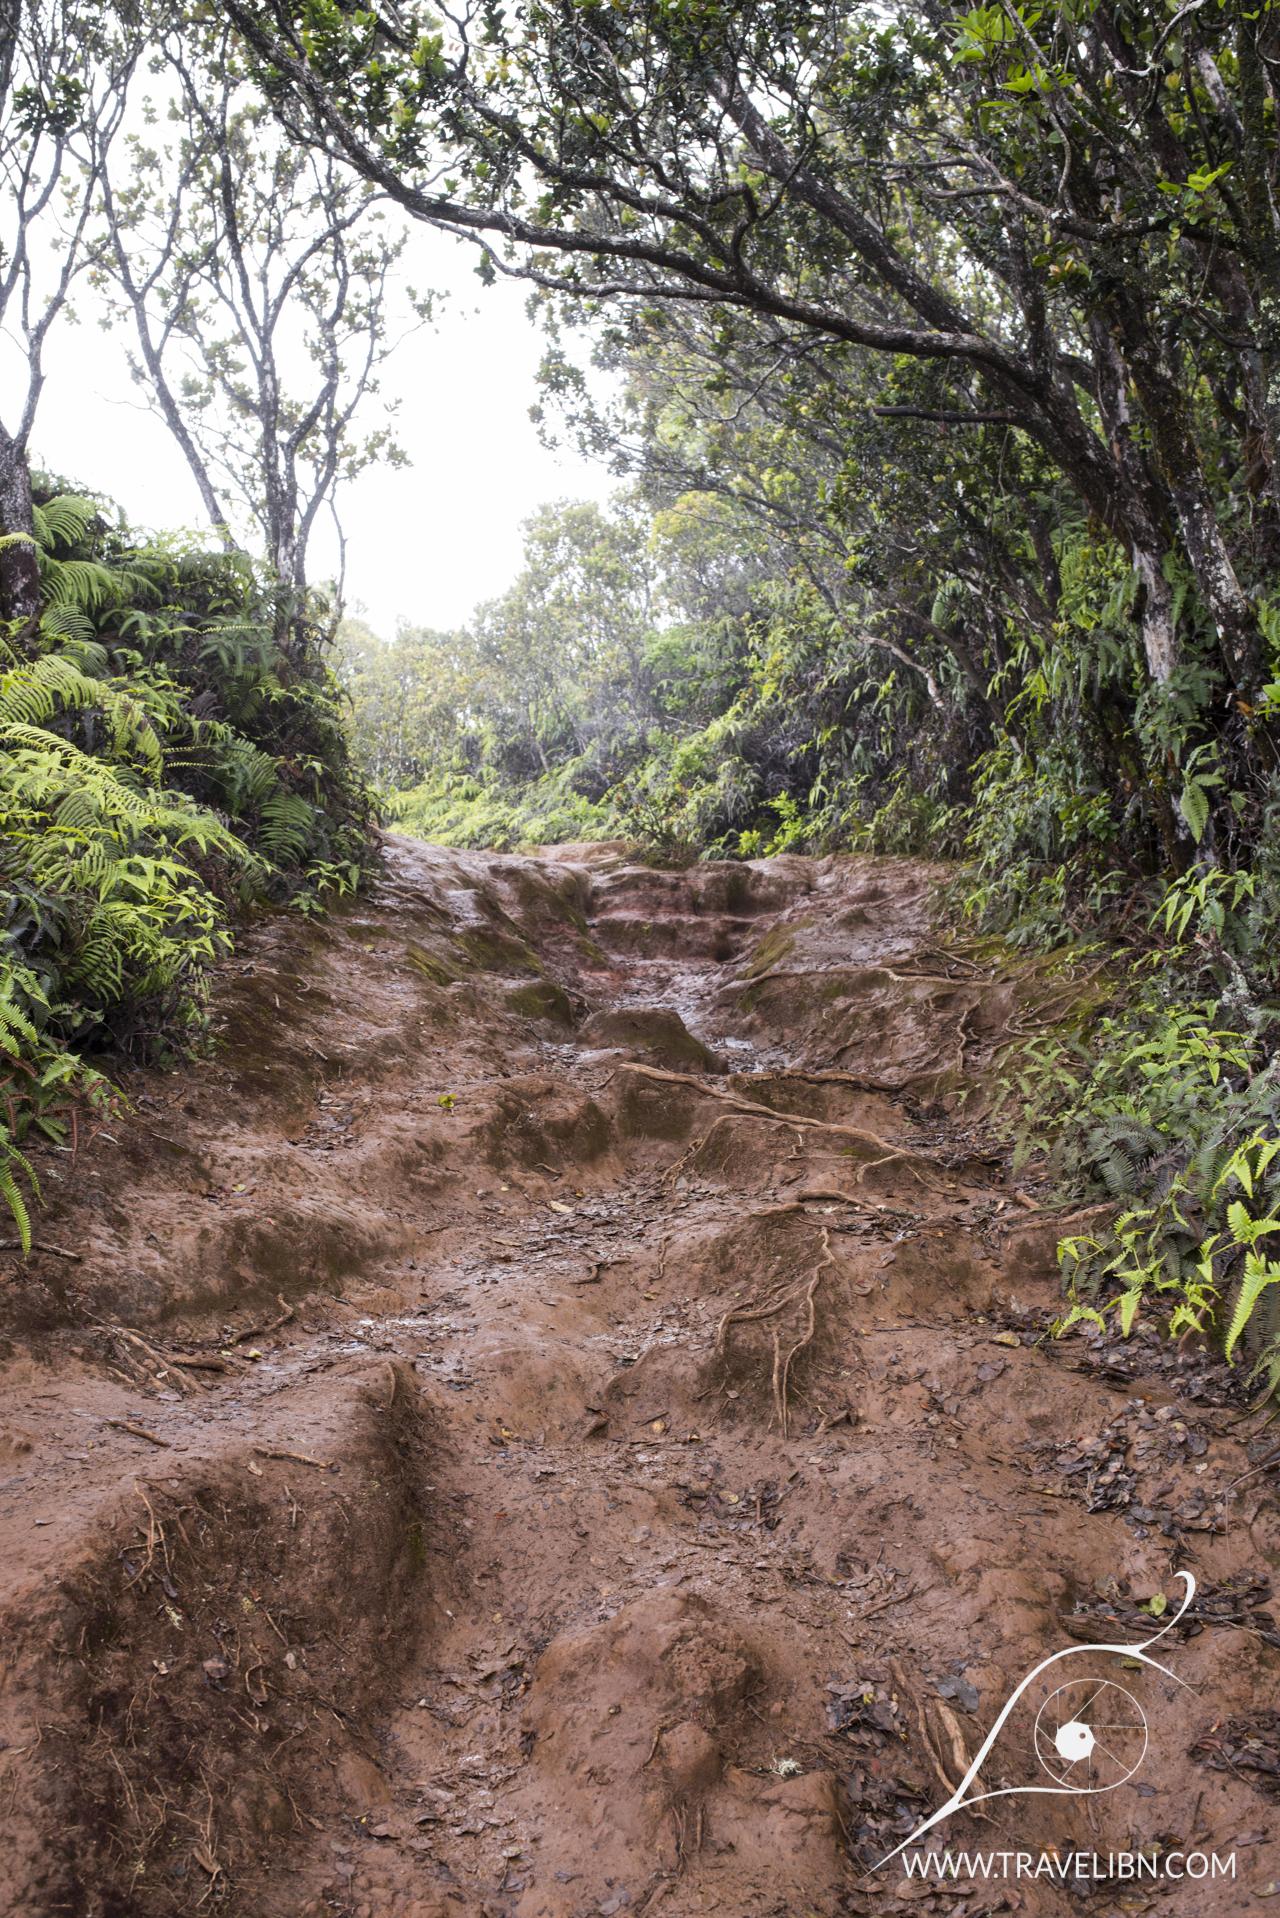 Pihea Trail condition